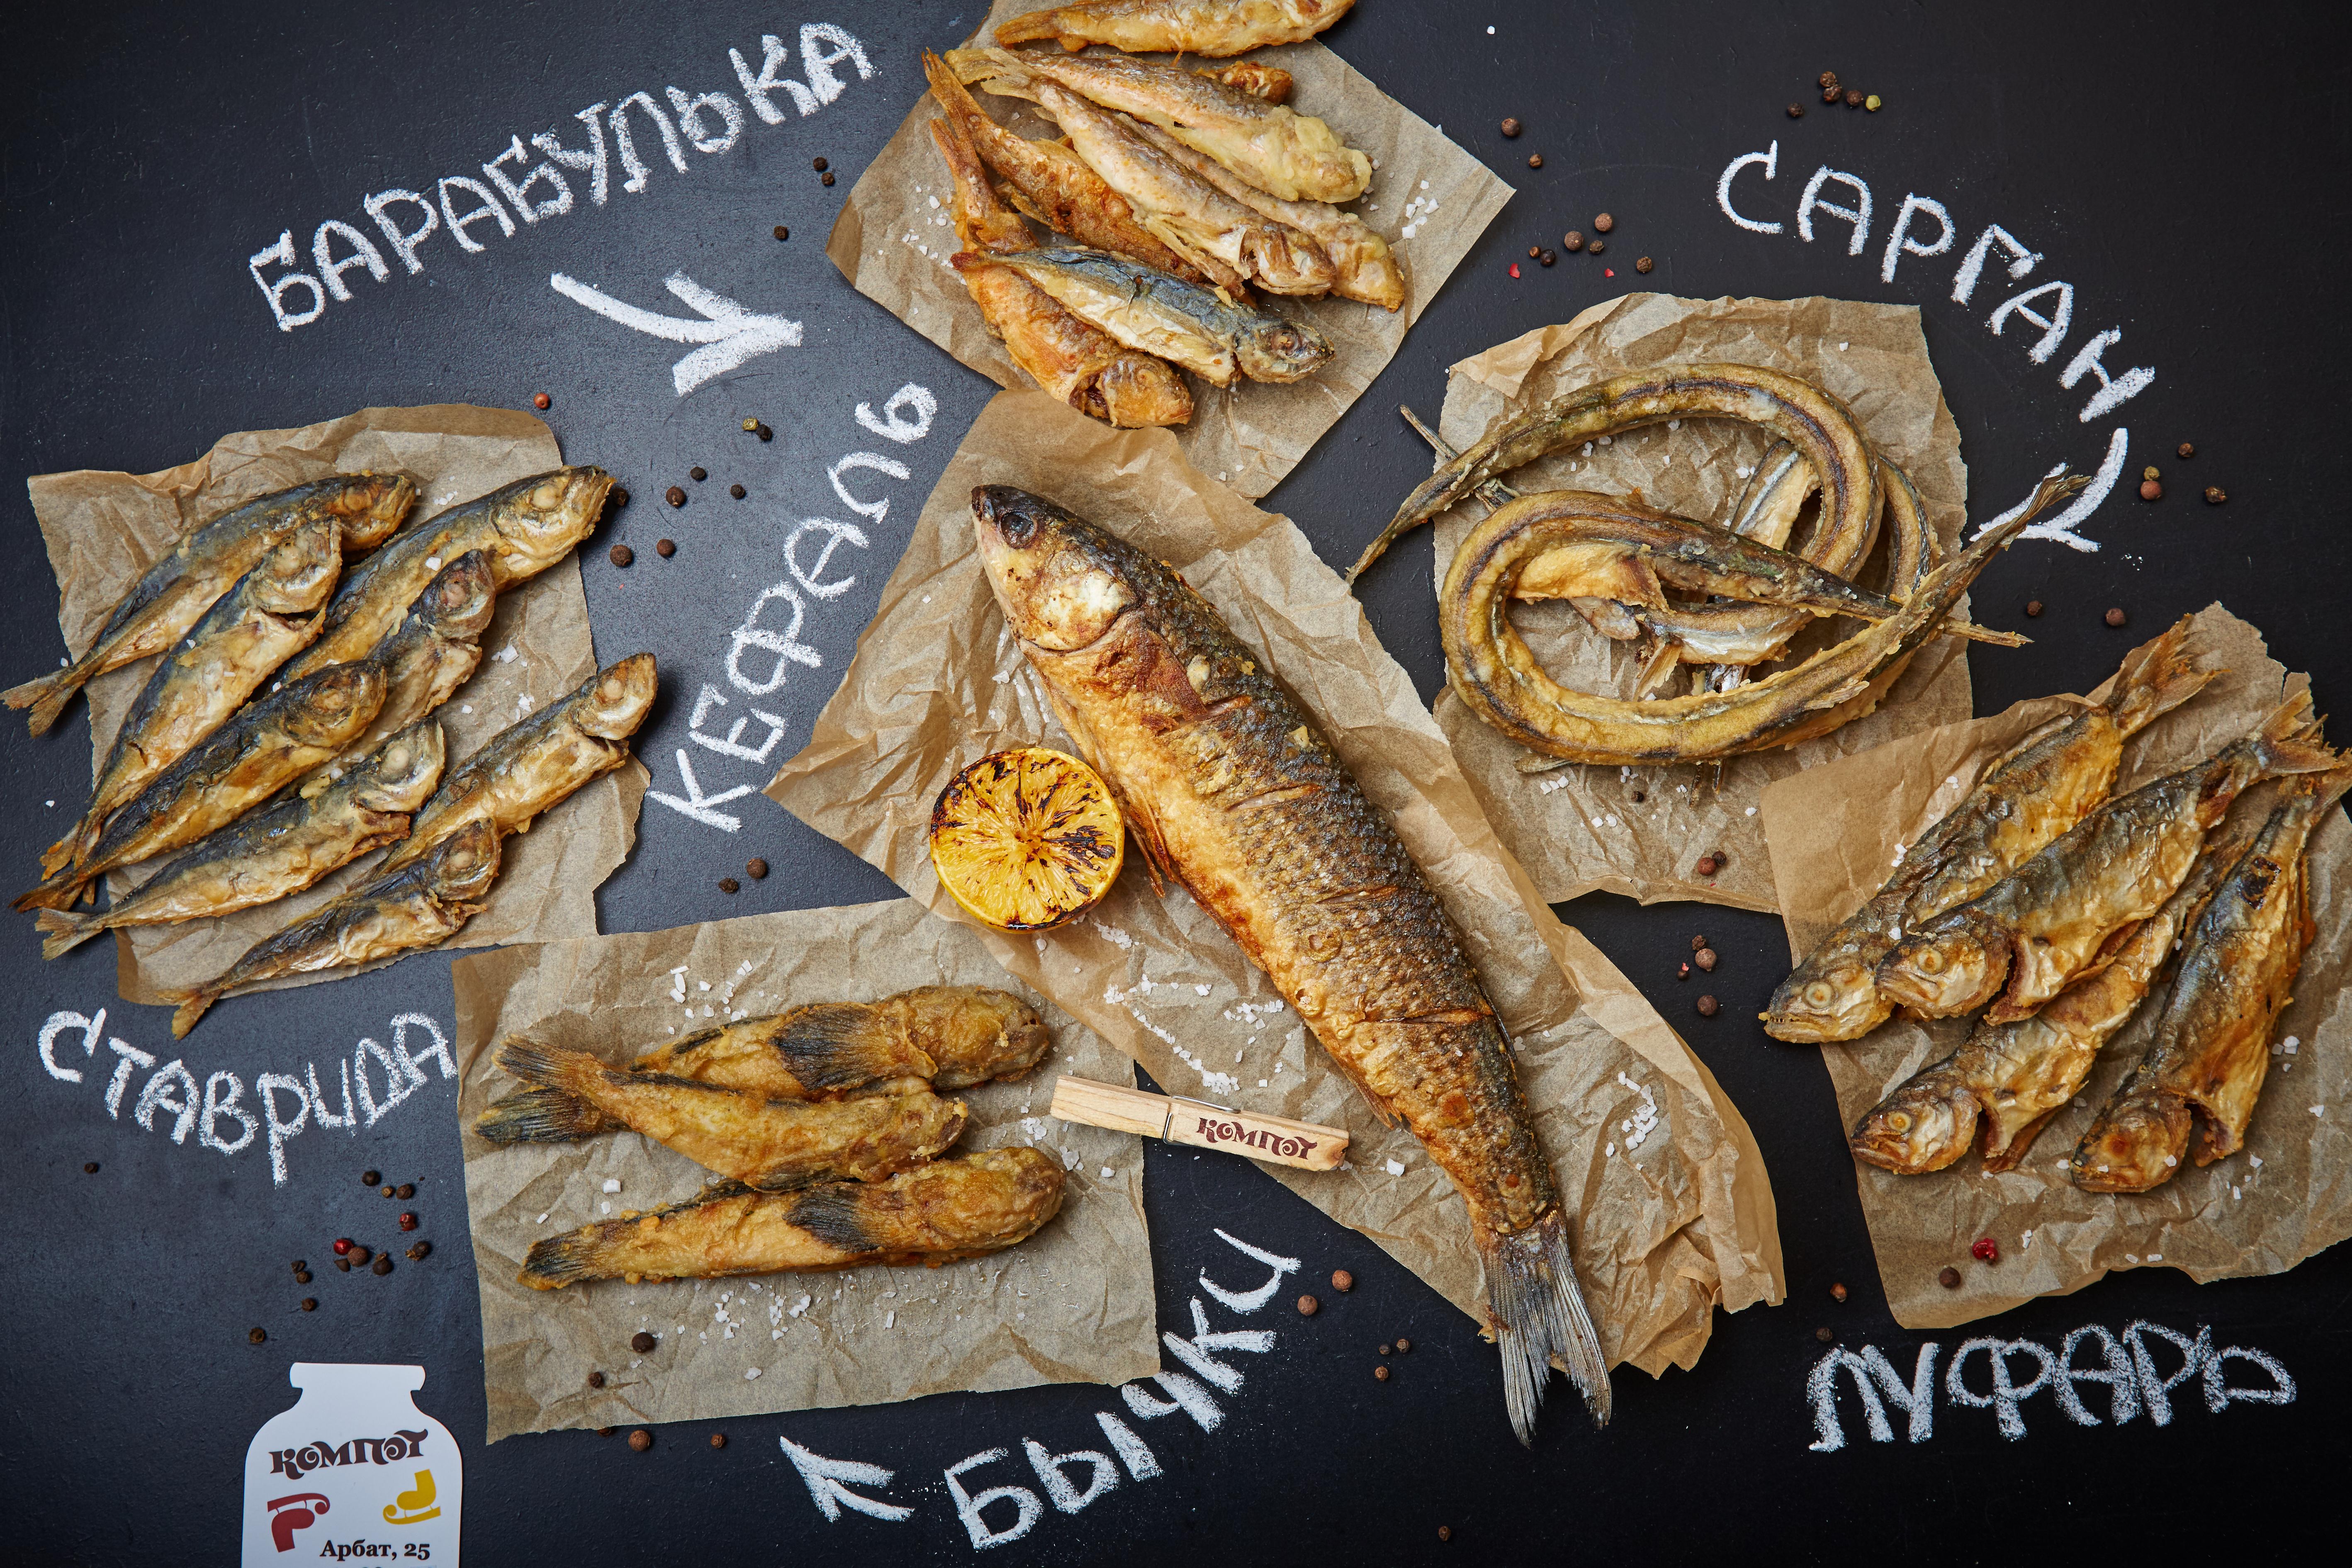 Assorti ribi.kompot 1